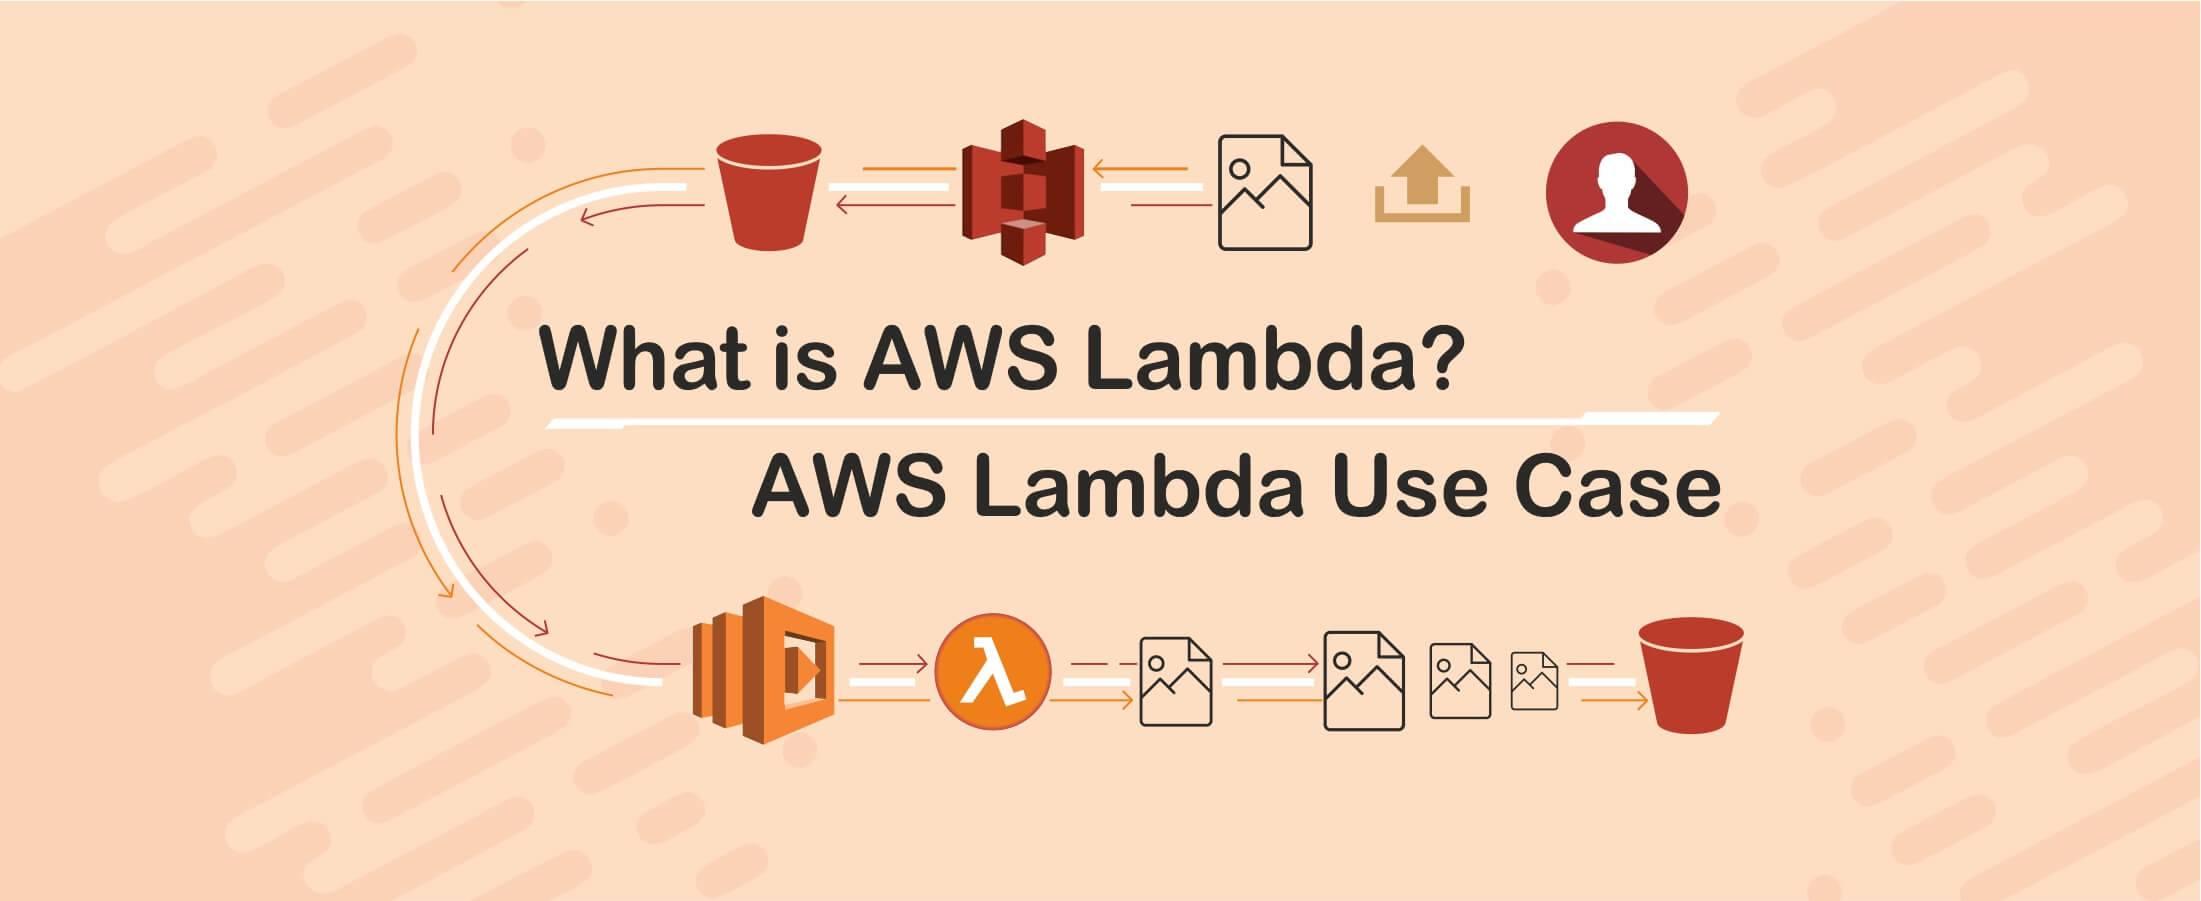 What is AWS Lambda? & AWS Lambda Use Case